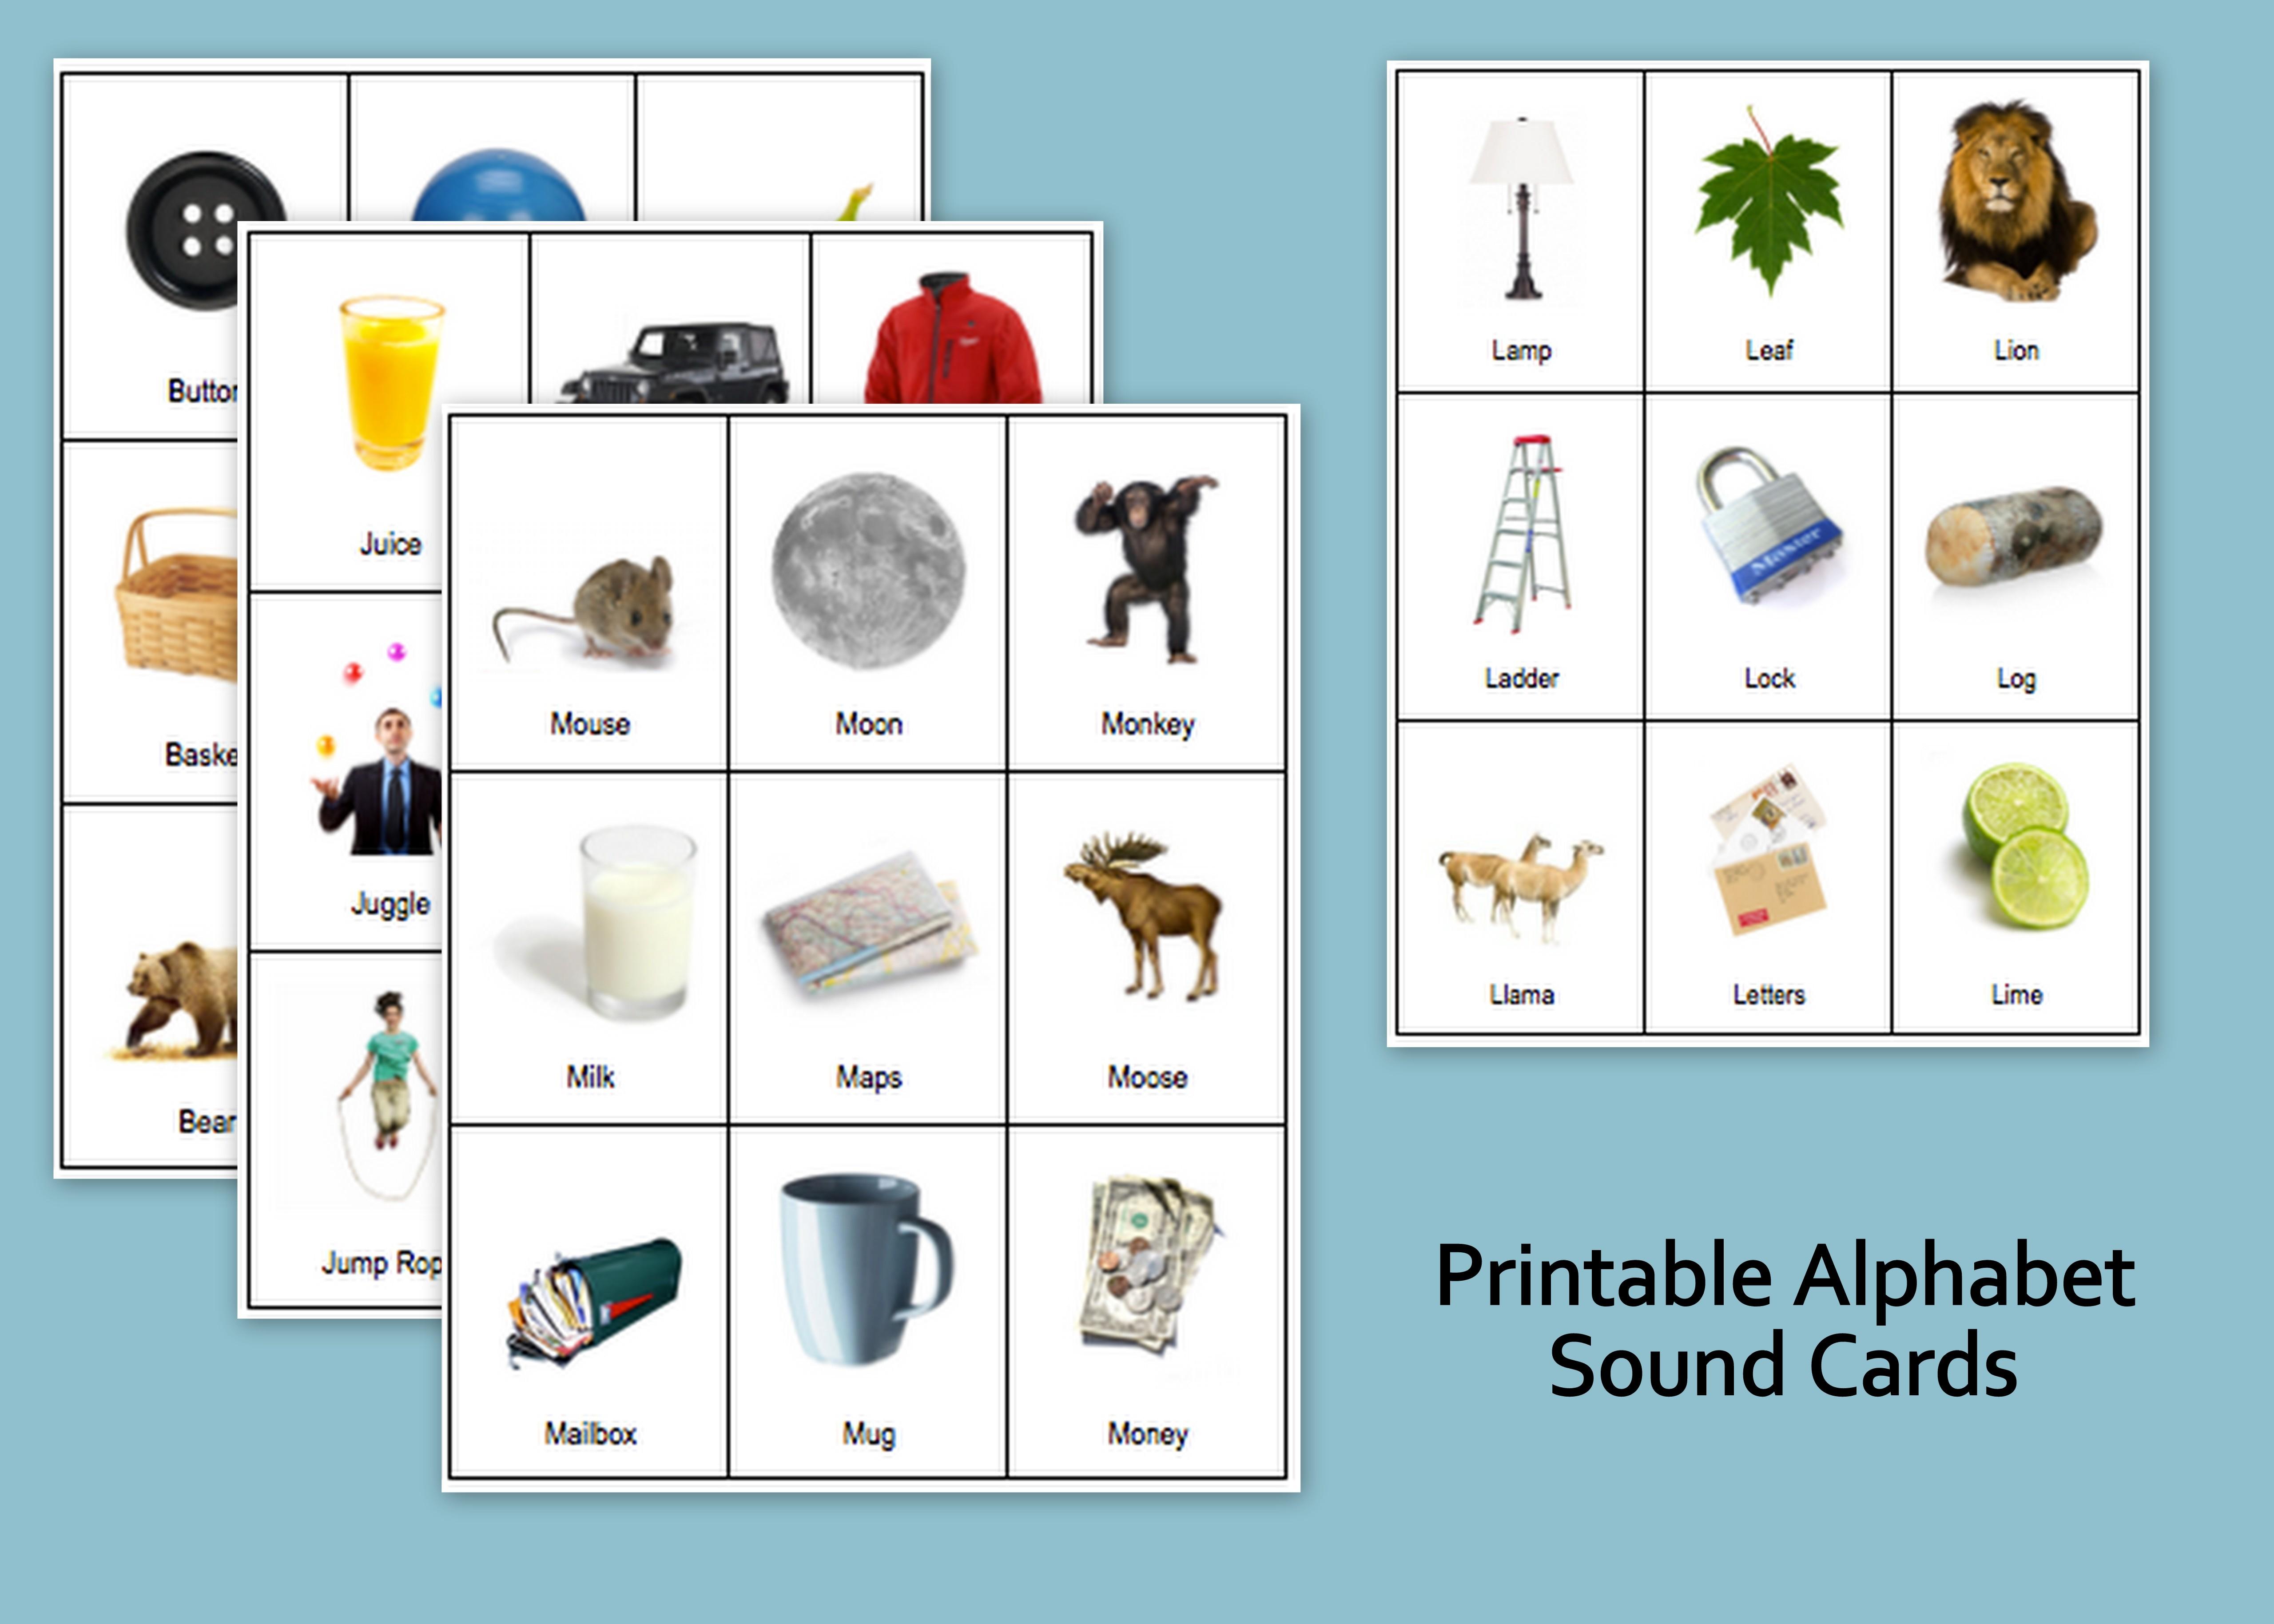 Printable Alphabet Sound Cards